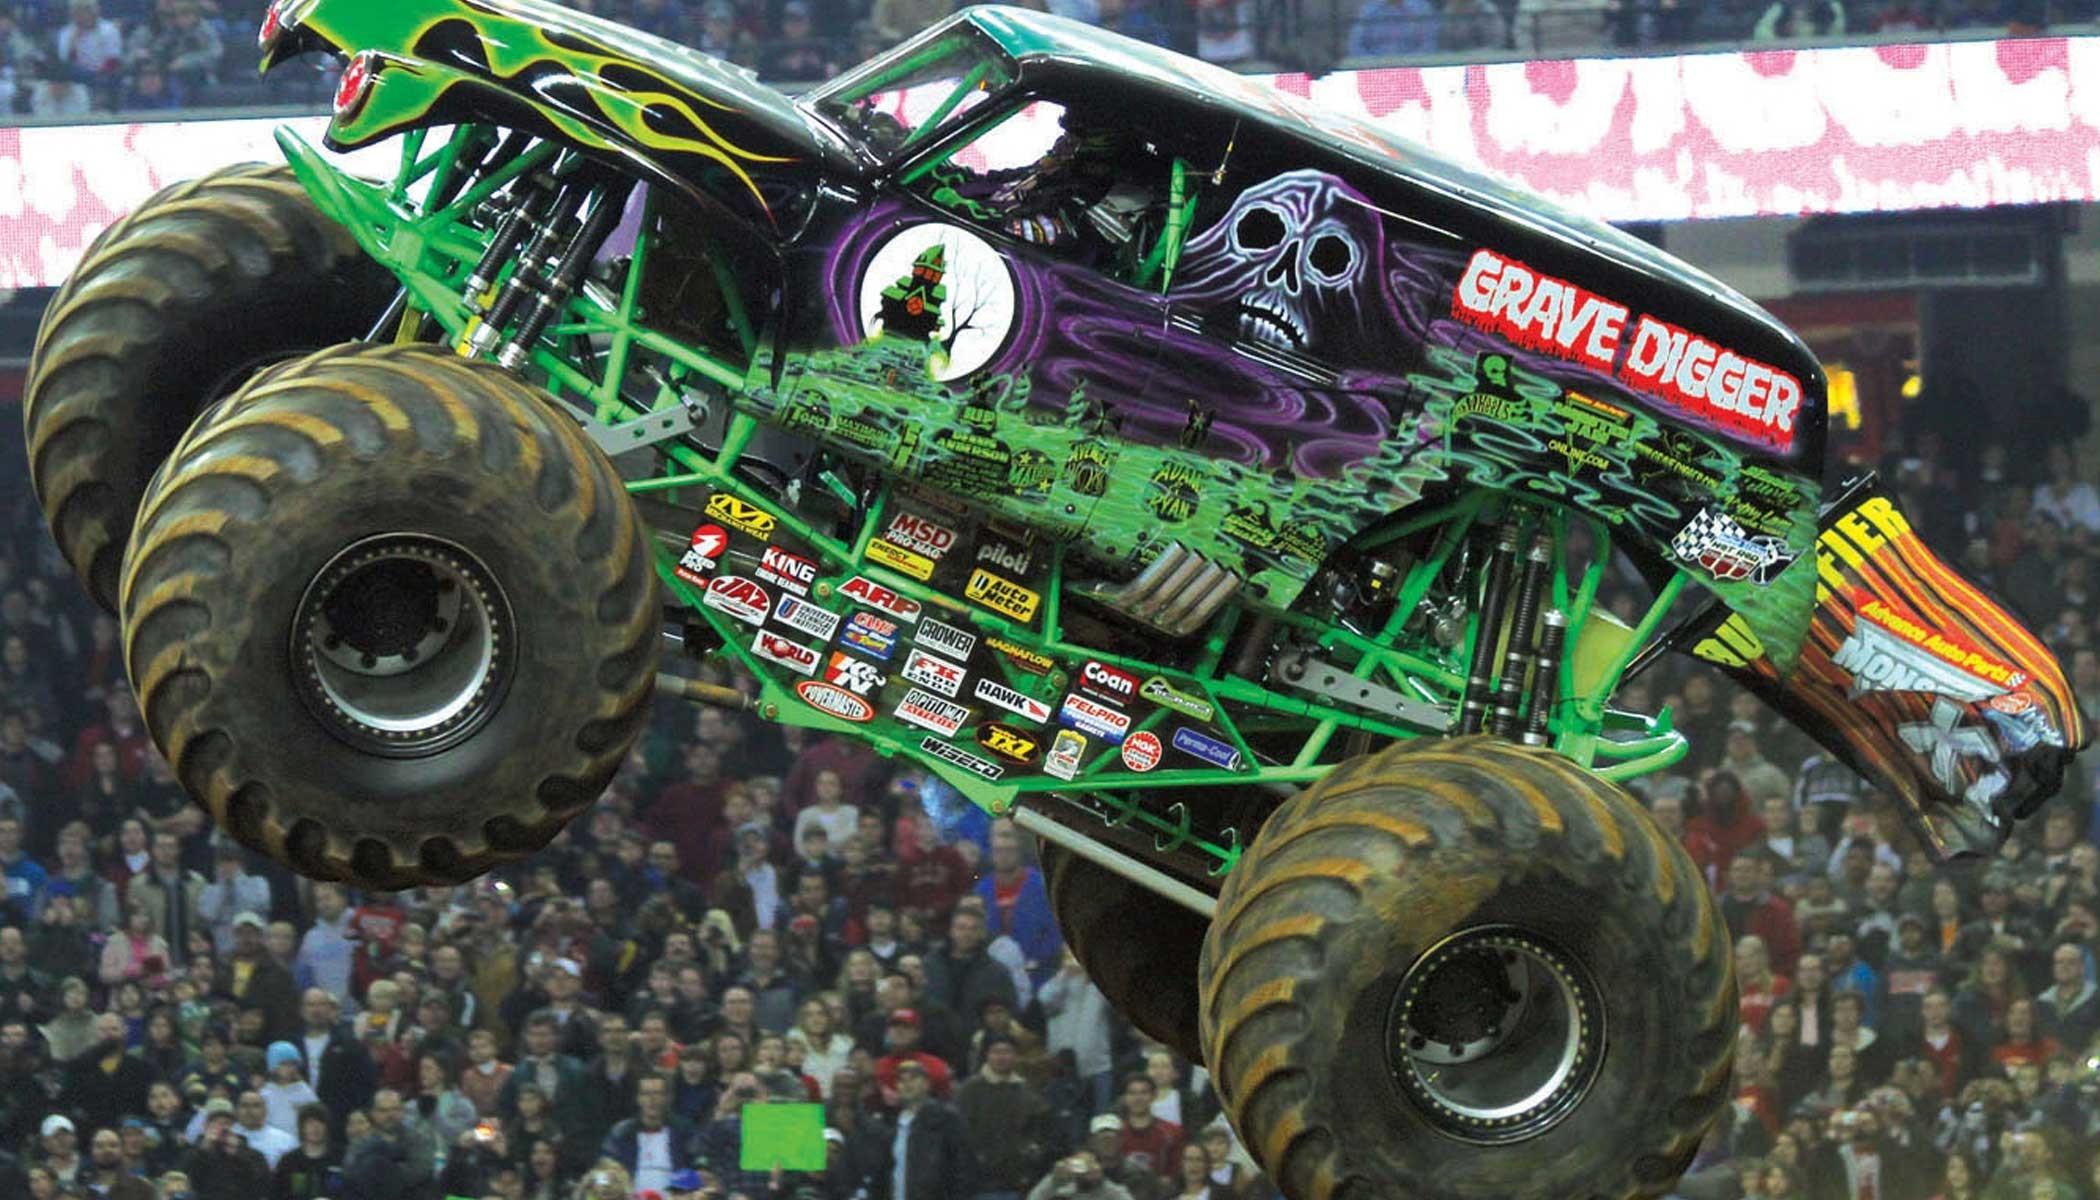 Grave digger monster truck wallpaper 54 images - Grave digger wallpaper ...